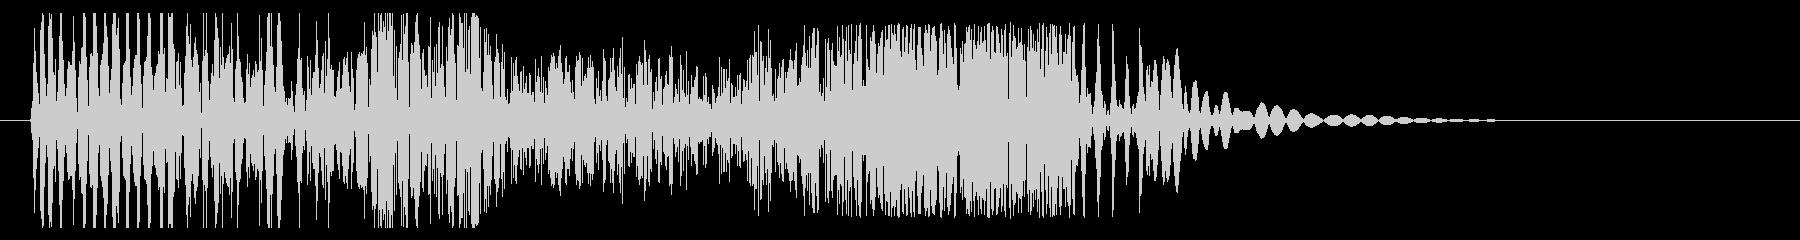 ブッシャア(時代劇向け斬撃音・強)の未再生の波形